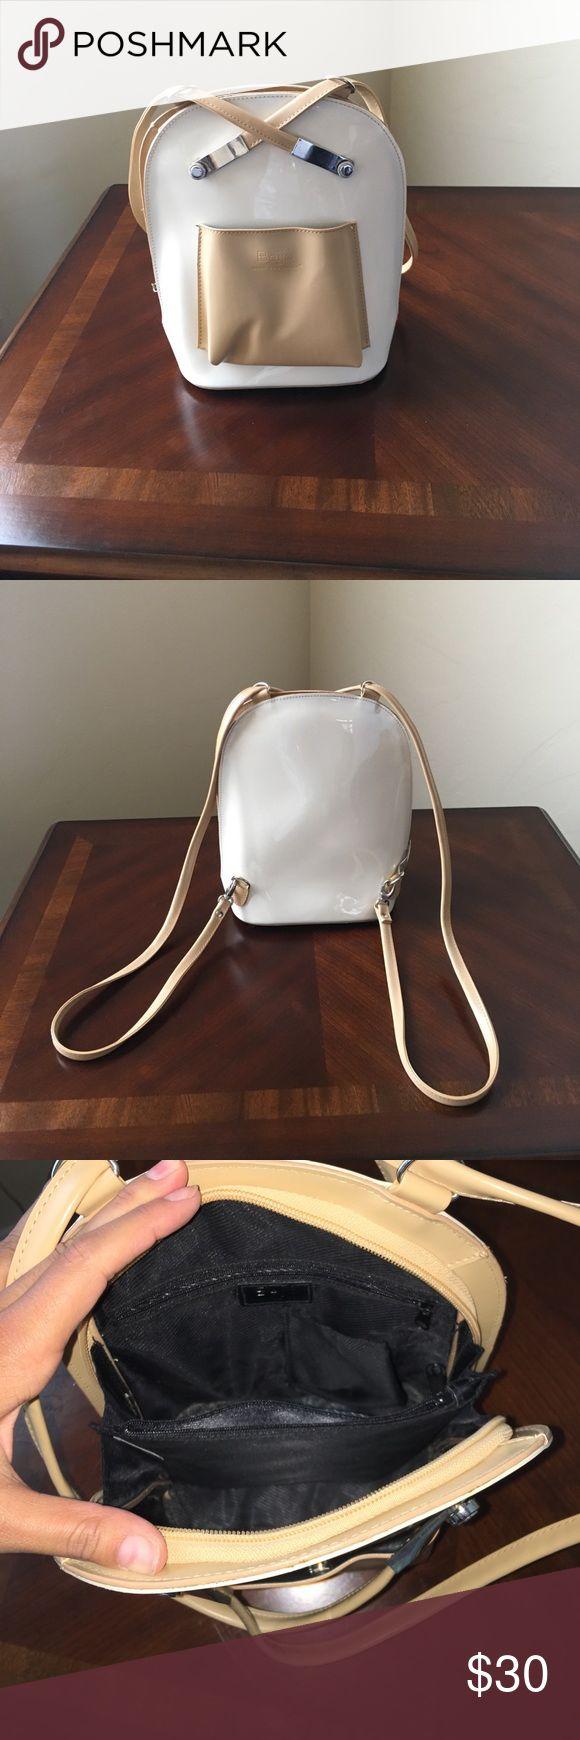 Beijo Backpack Lightly used tan & cream Beijo backpack Beijo Bags Backpacks